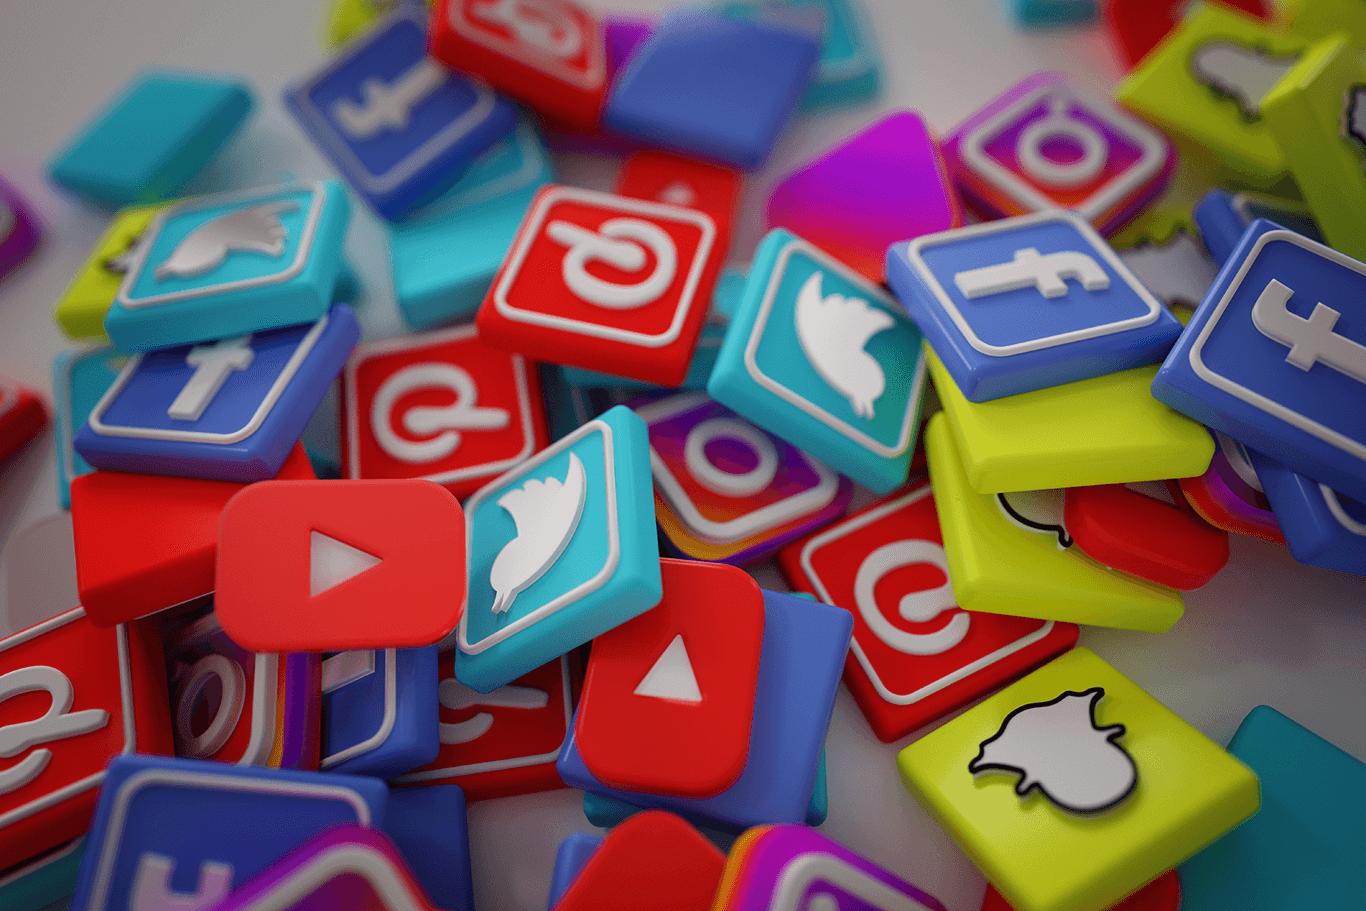 Développez votre stratégie sur les réseaux sociaux à la Martinique, Guadeloupe, Guyane